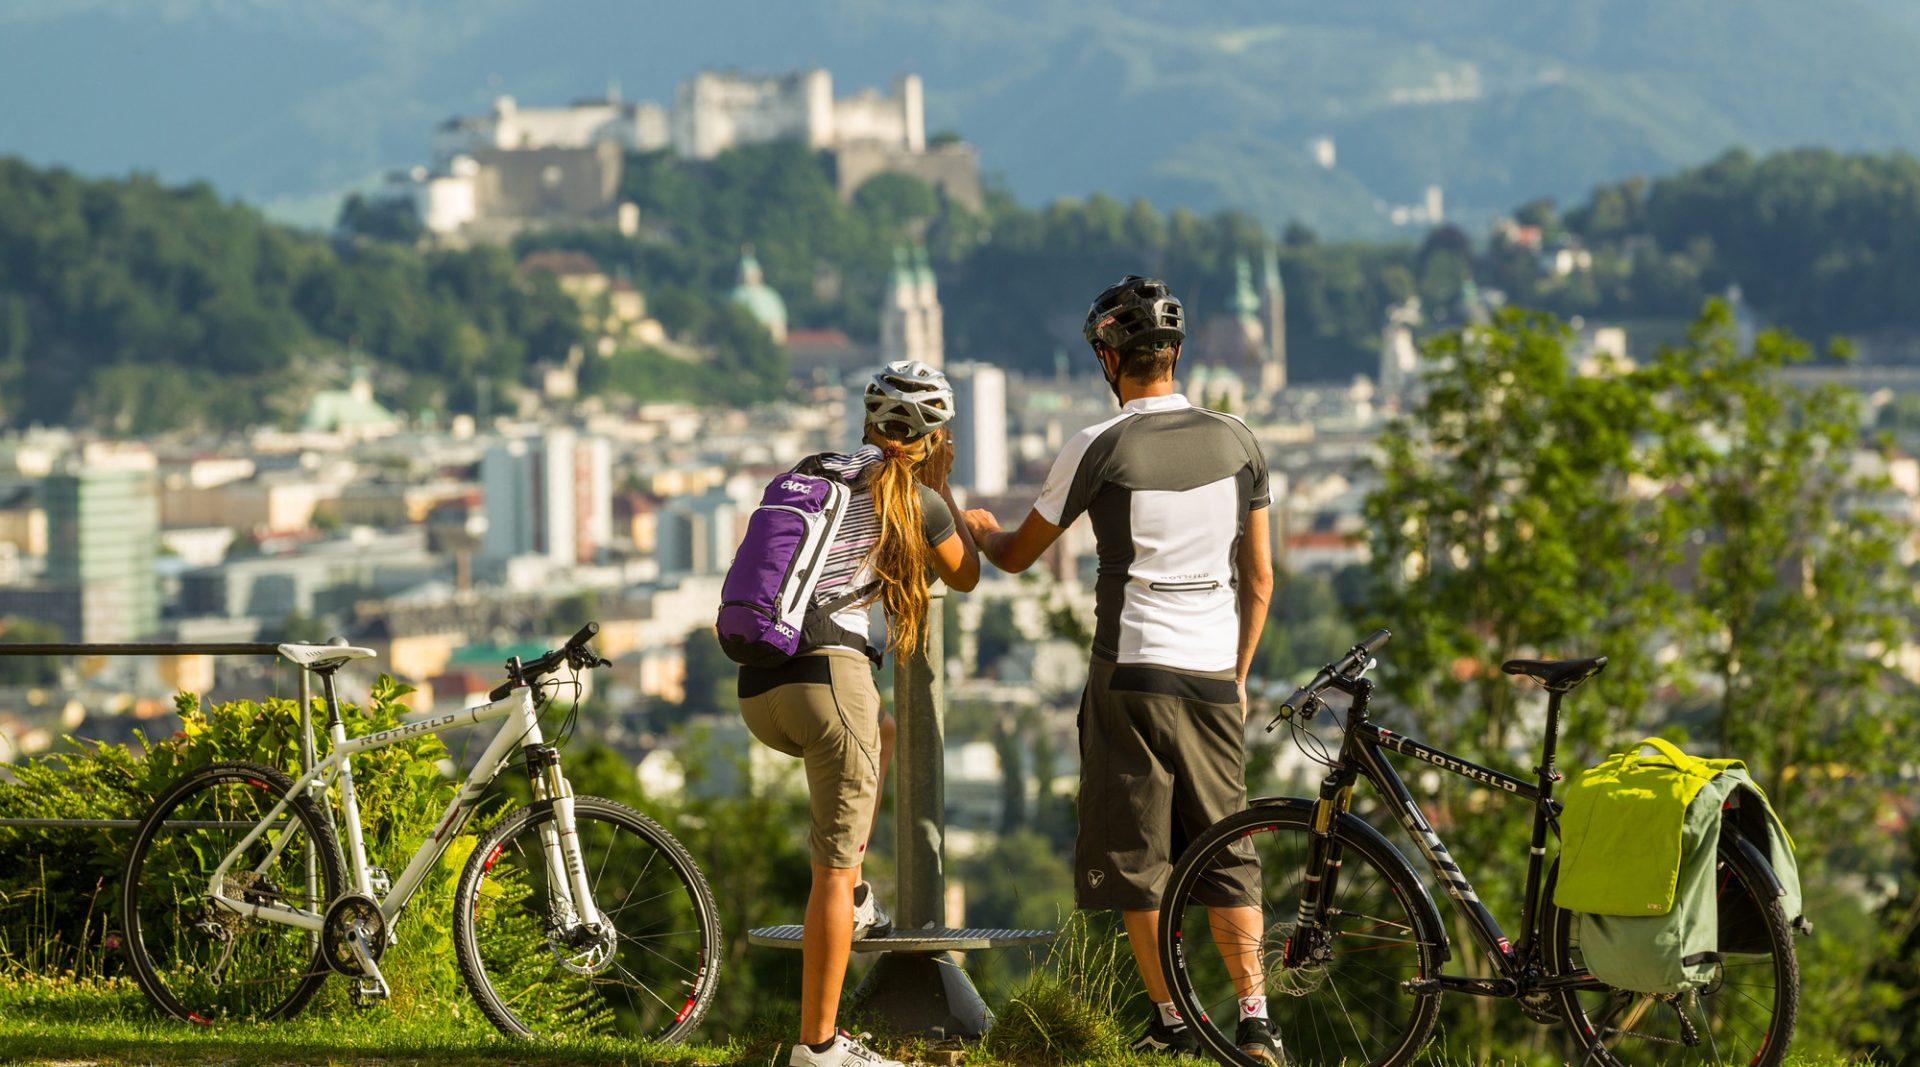 Ein Pärchen steht neben den Fahrrädern und genießt den imposanten Blick auf die Stadt Salzburg, einer der Höhepunkte am Tauernradweg.